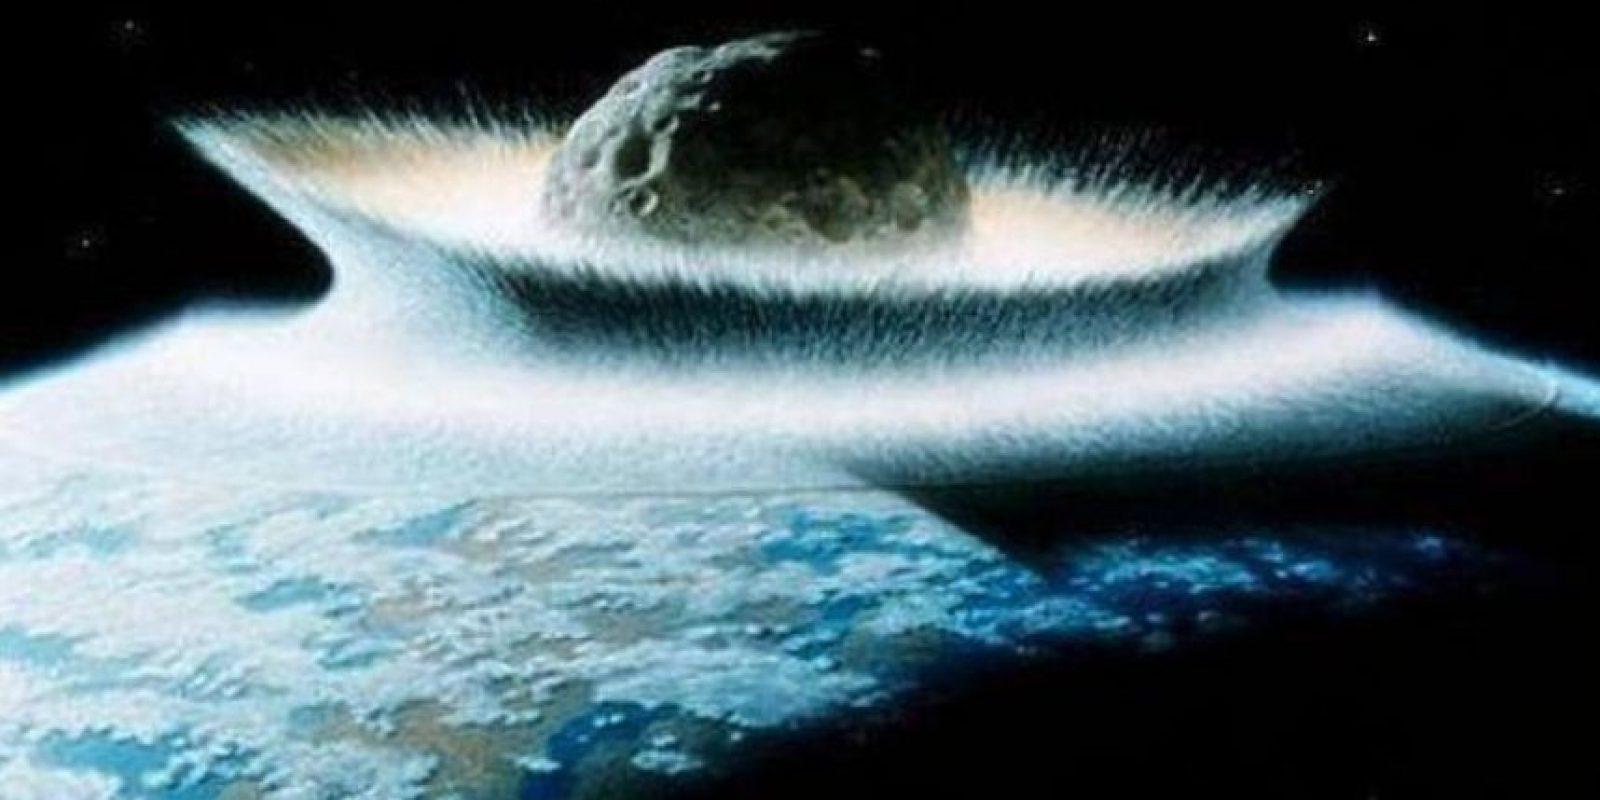 Supuestamente, todos nos moriremos en septiembre, ya que un asteroide colapsará y nos matará a todos, así como a los dinosaurios. La NASA dice que no habrá tal cosa, pero esta es una de las tantas veces que han dicho que el mundo terminará Foto:Wikimedia